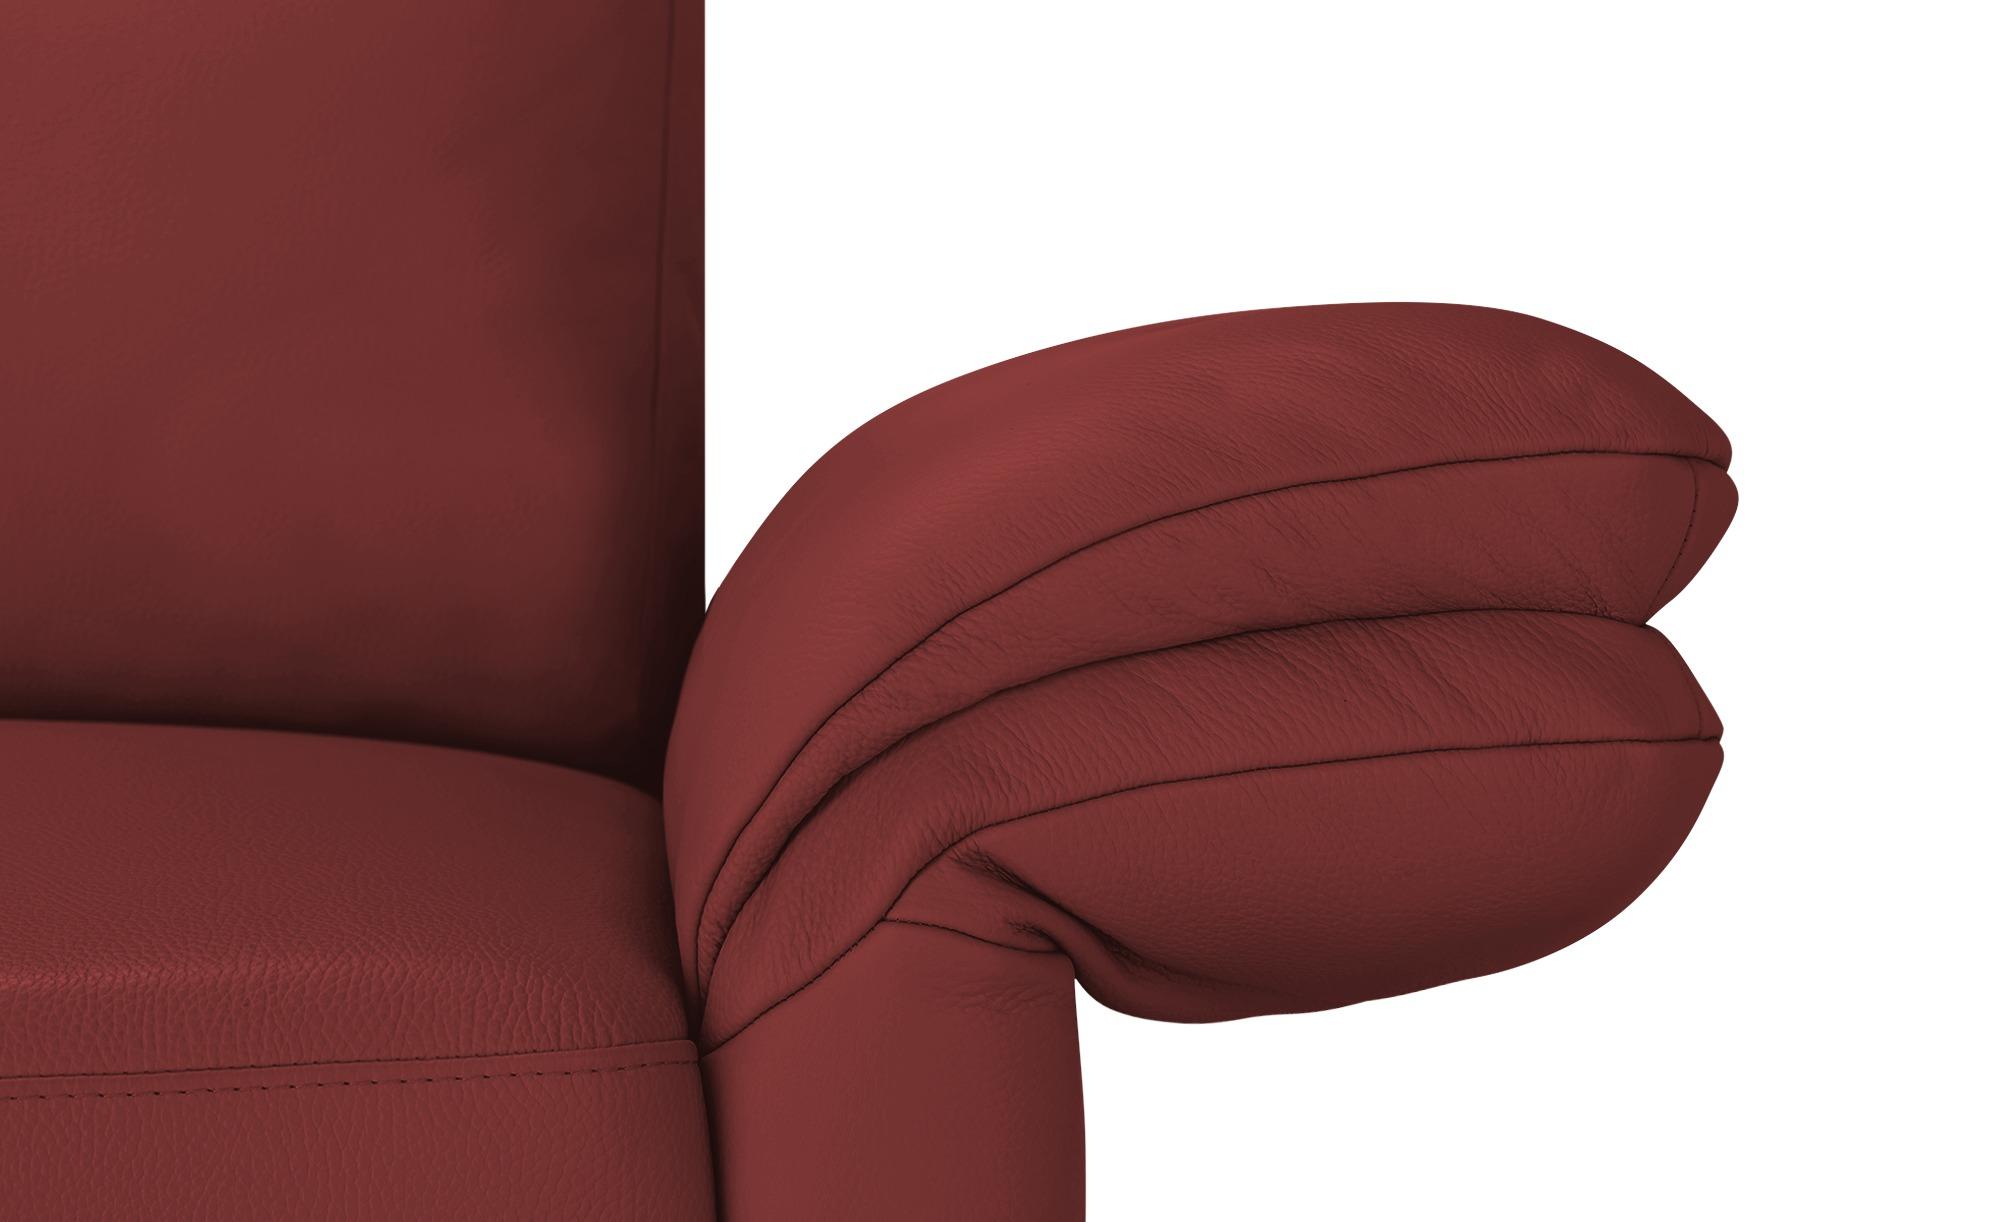 Max Schelling Einzelsofa  Maximum ¦ rot ¦ Maße (cm): B: 194 H: 86 T: 97 Polstermöbel > Sofas > 2-Sitzer - Höffner